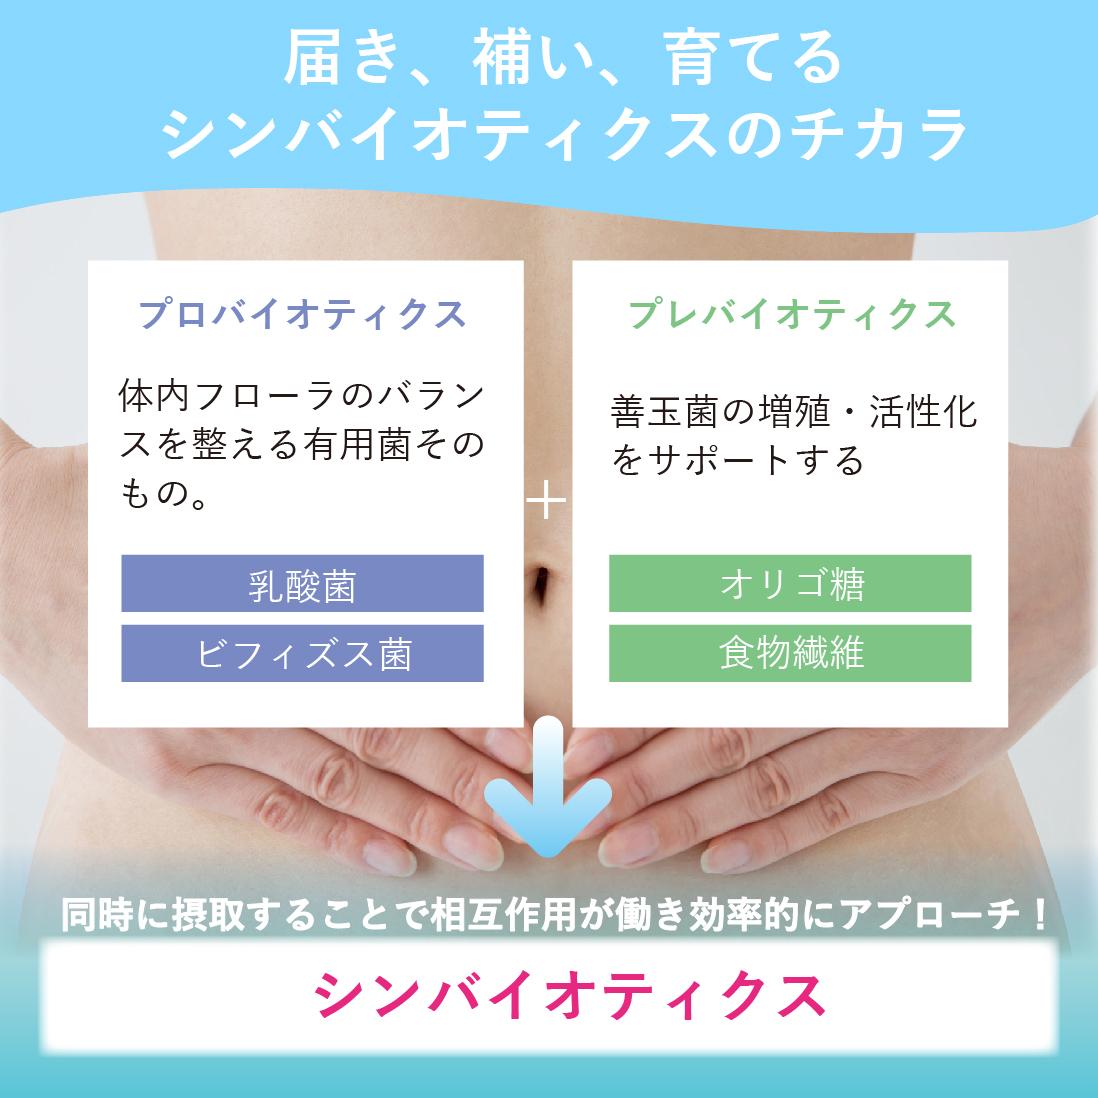 【アイナチュラプレミアム】 ビフィズスナイス プラス